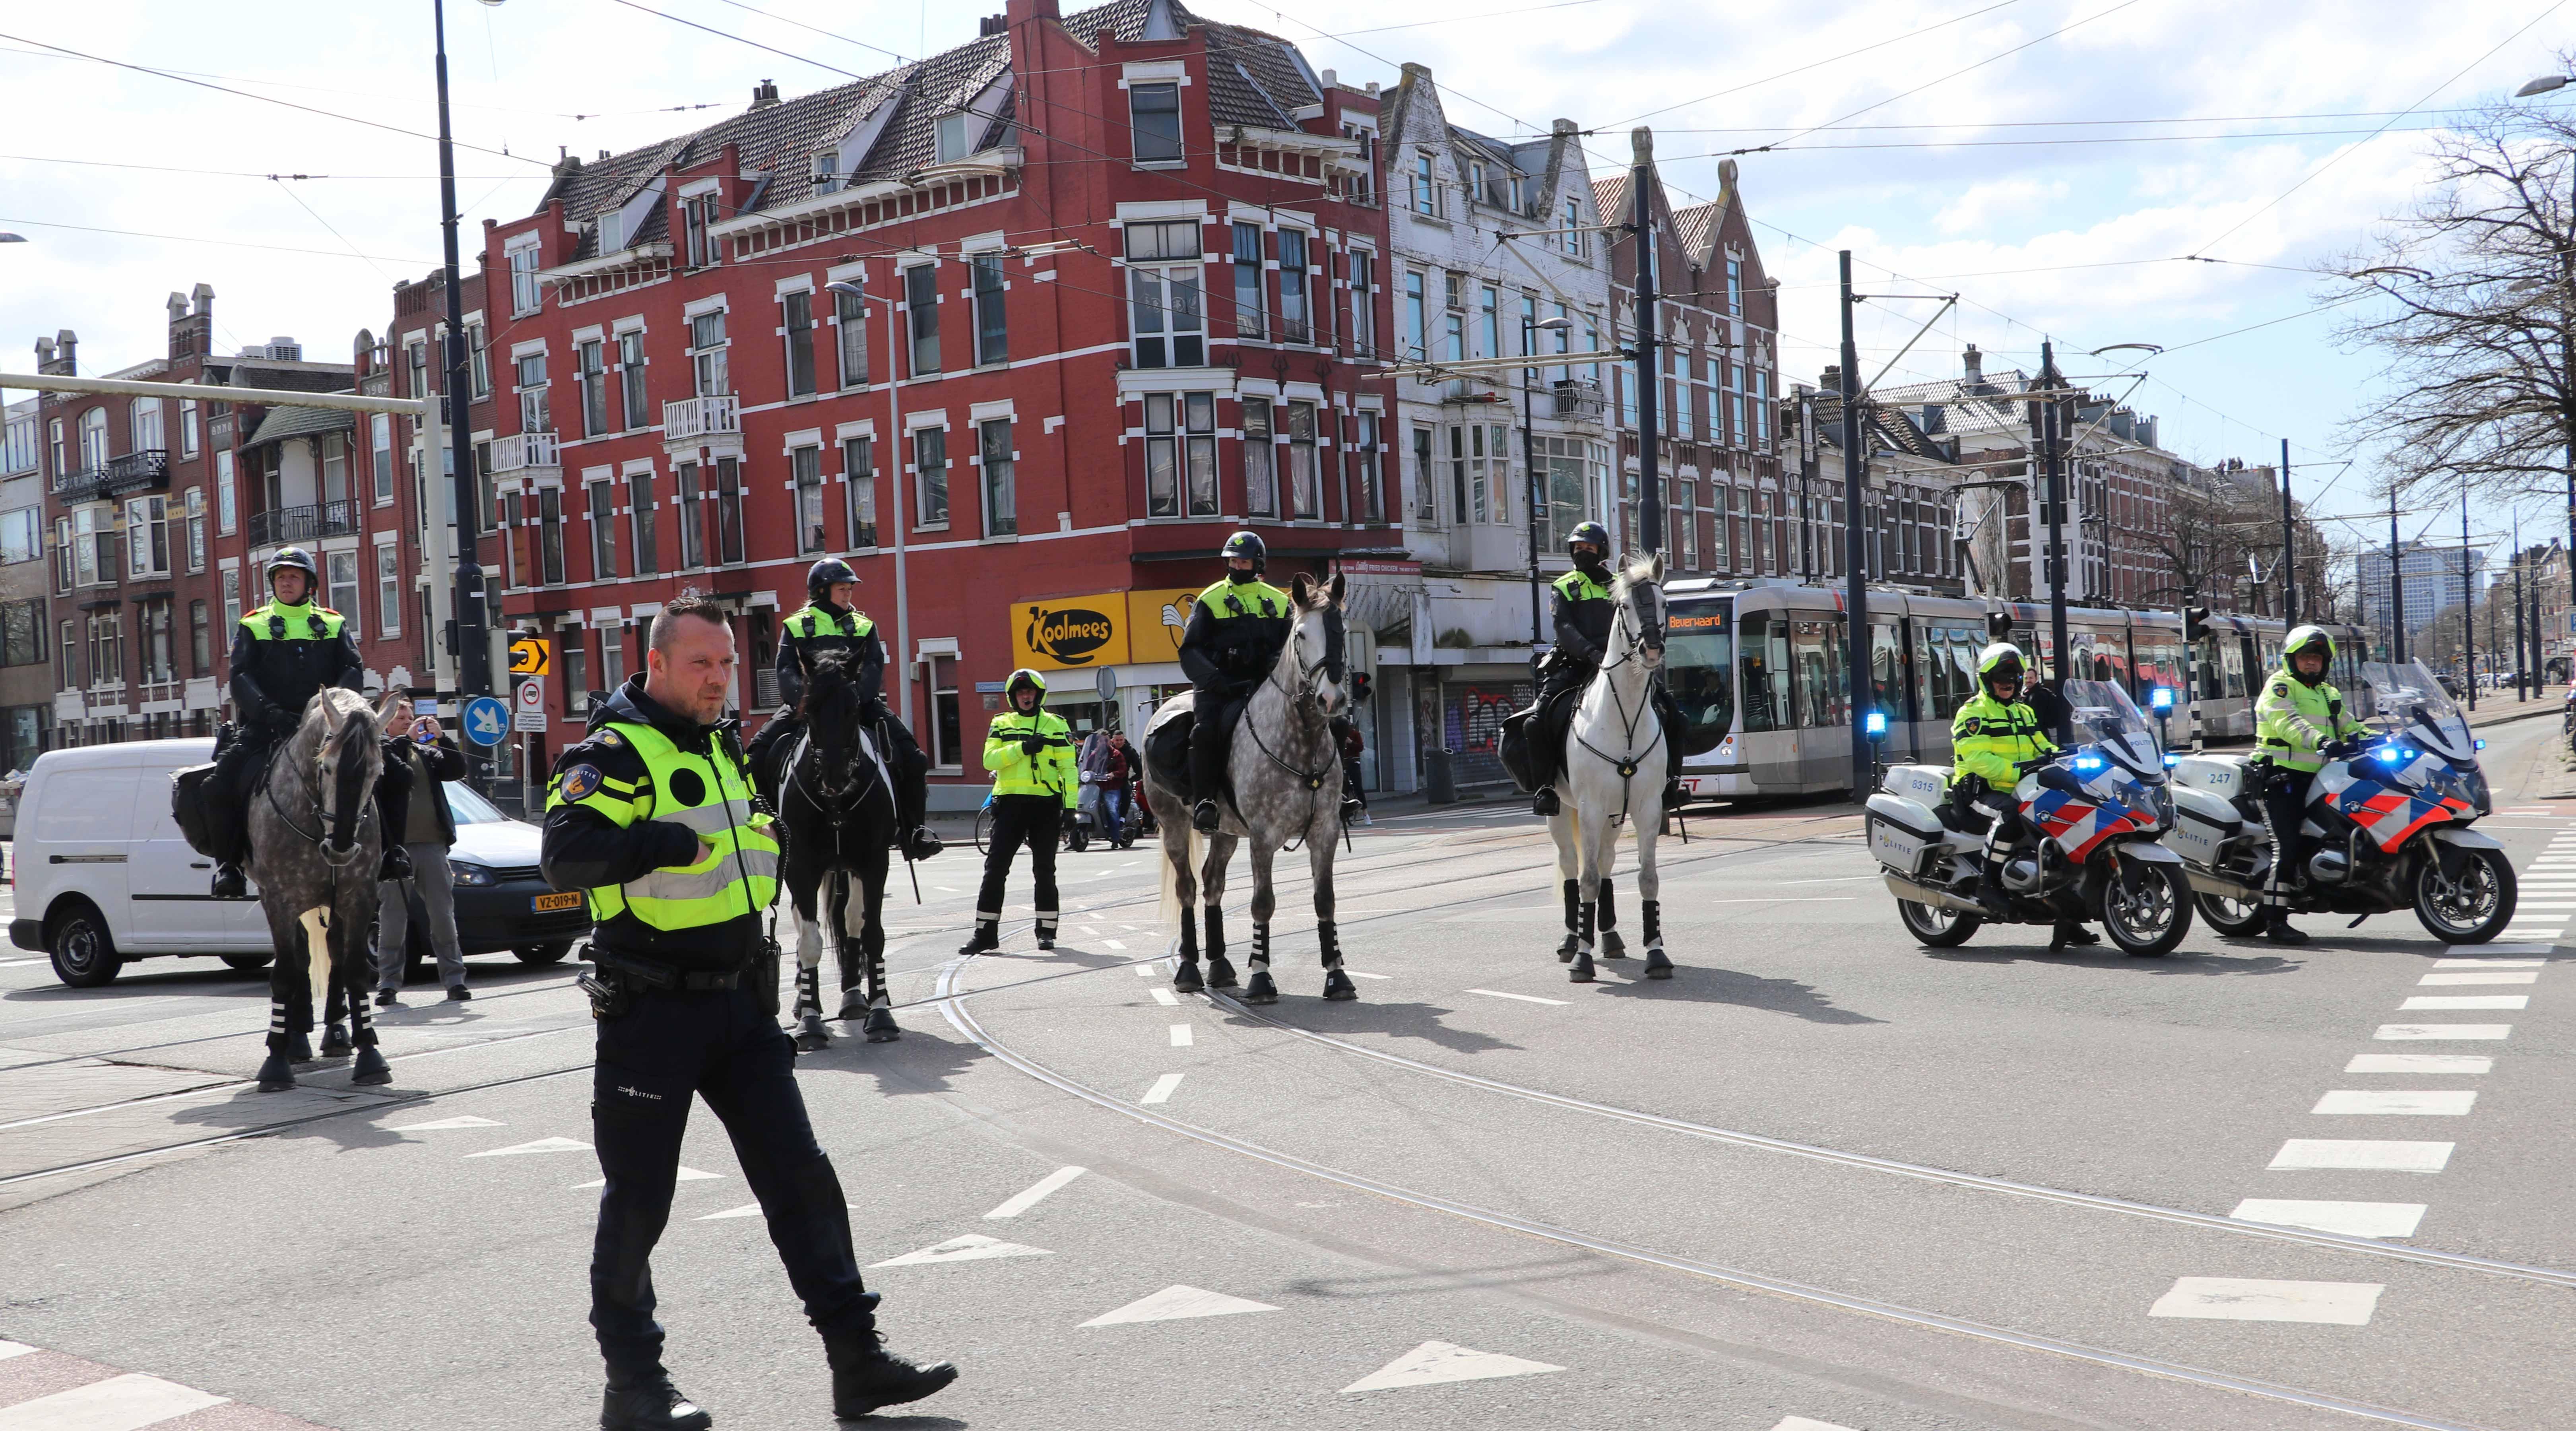 Politie controleert demonstratie in Rotterdam